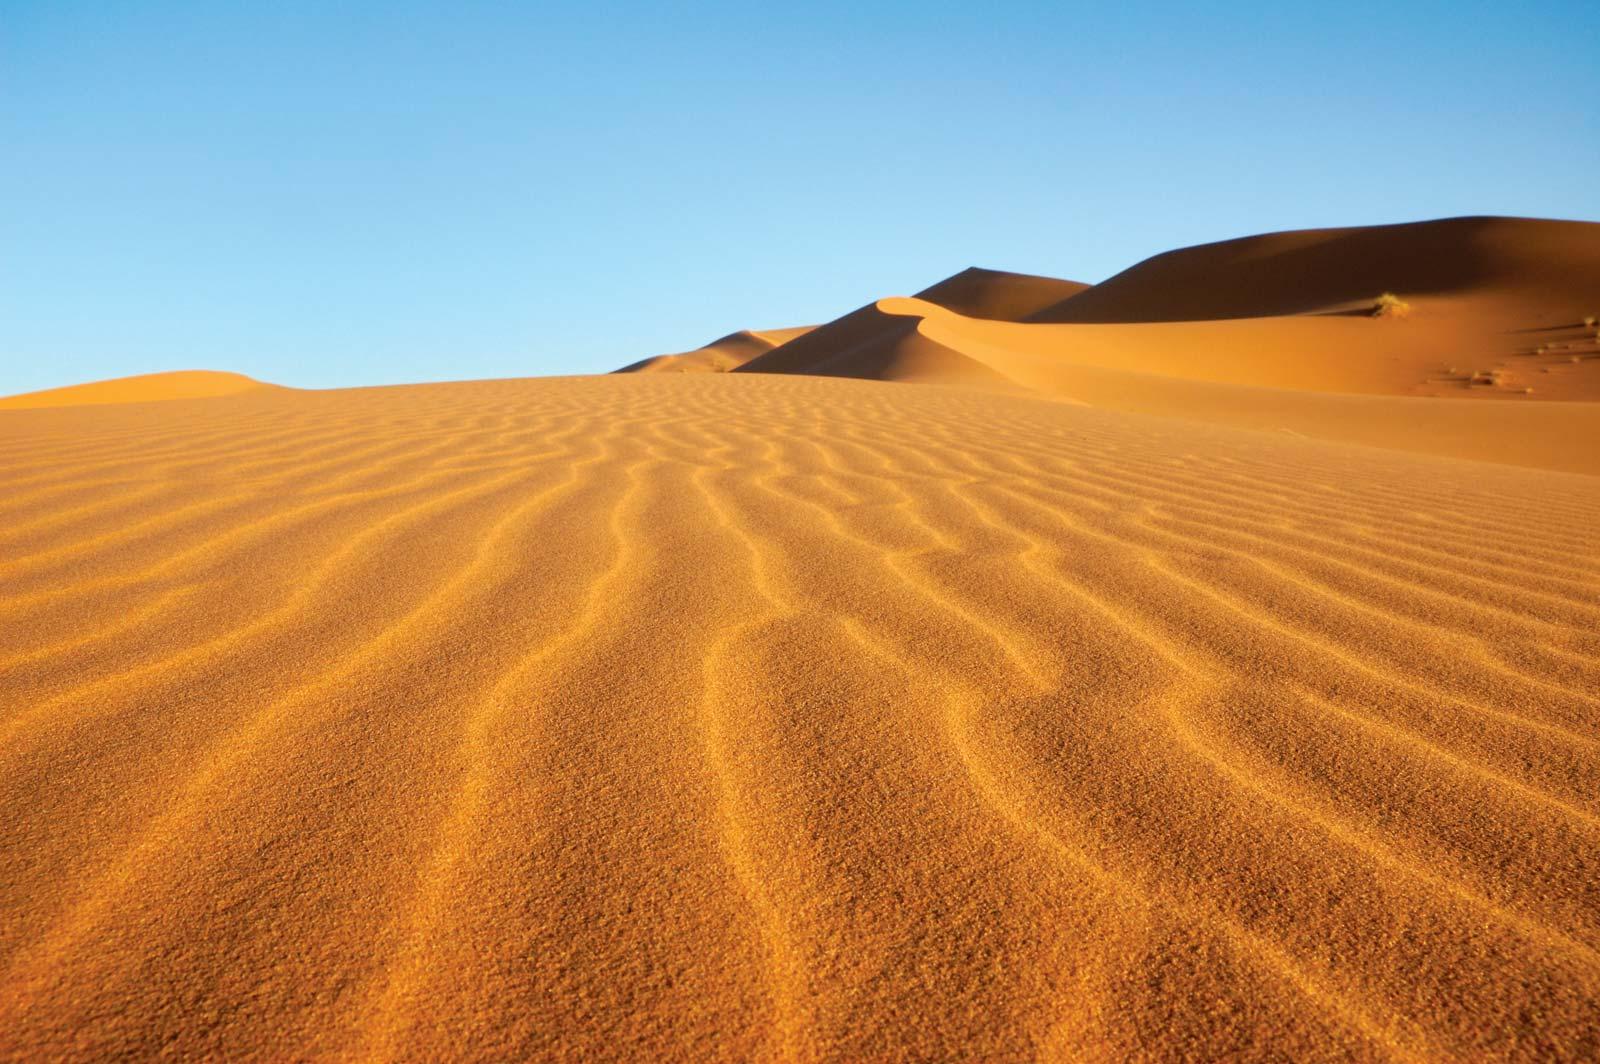 trip to desert|deserts travel planner app